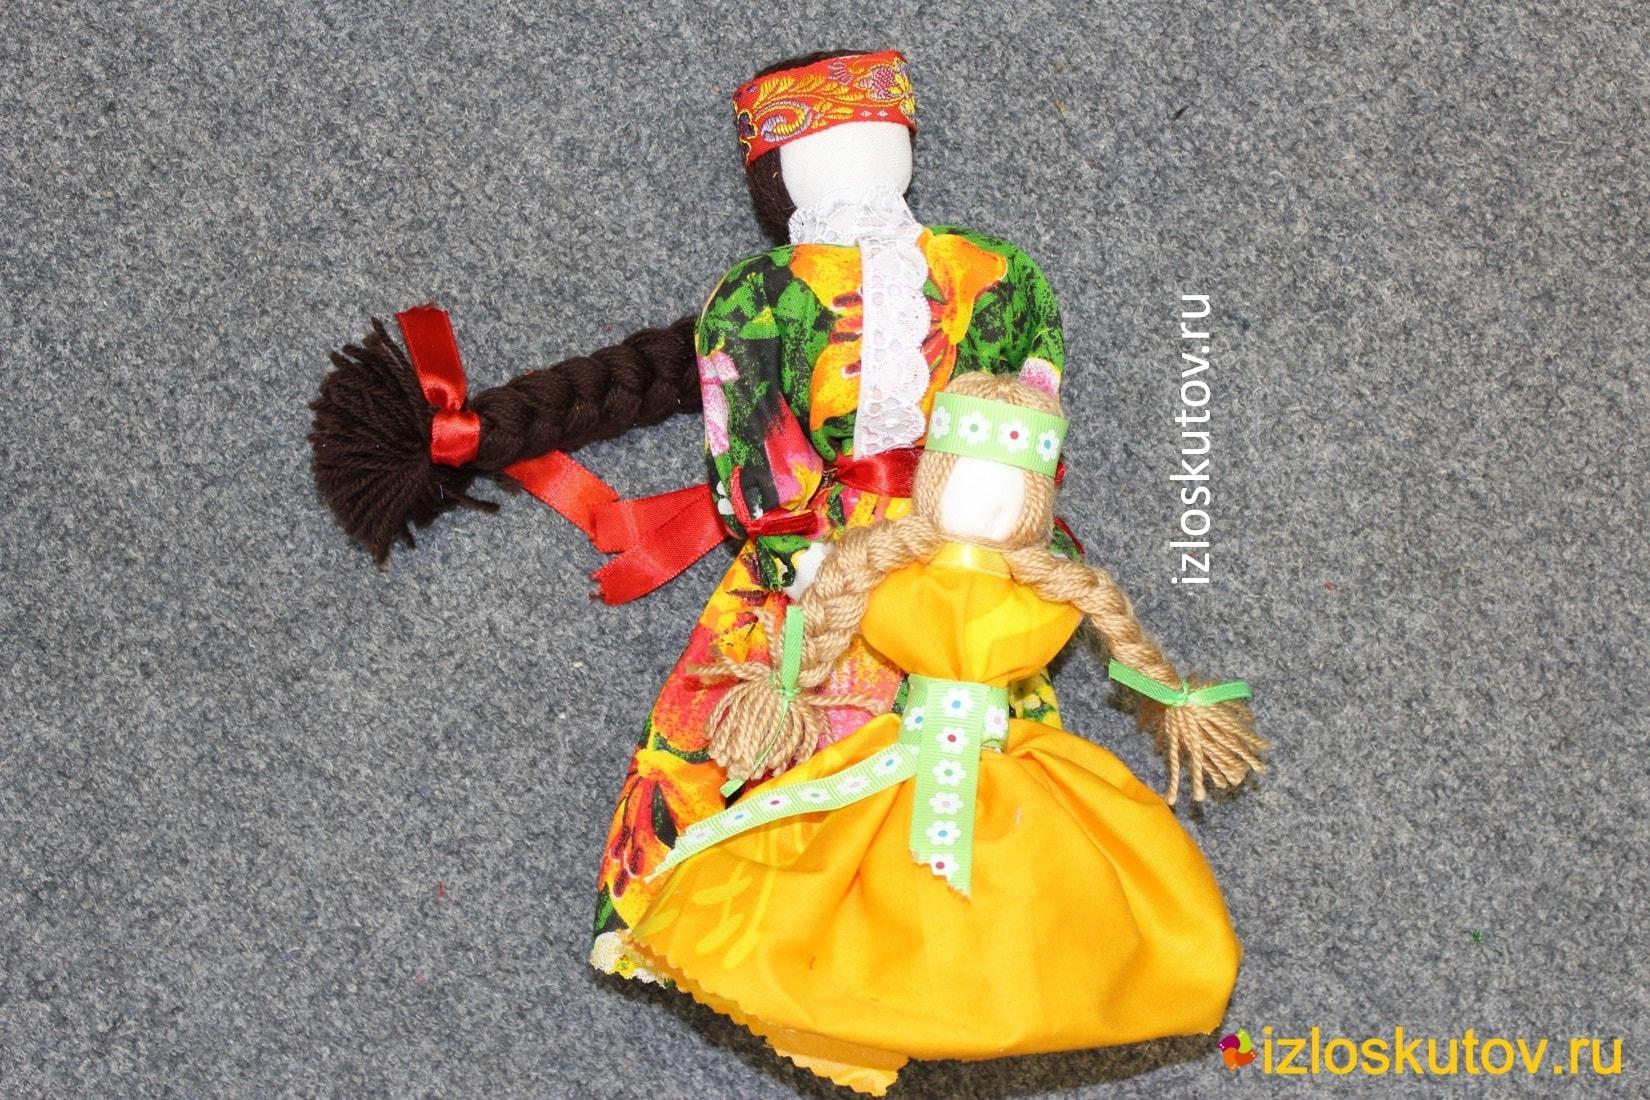 """Кукла """"Ведучка"""" (Ведущая по жизни) в желтом № 1002"""